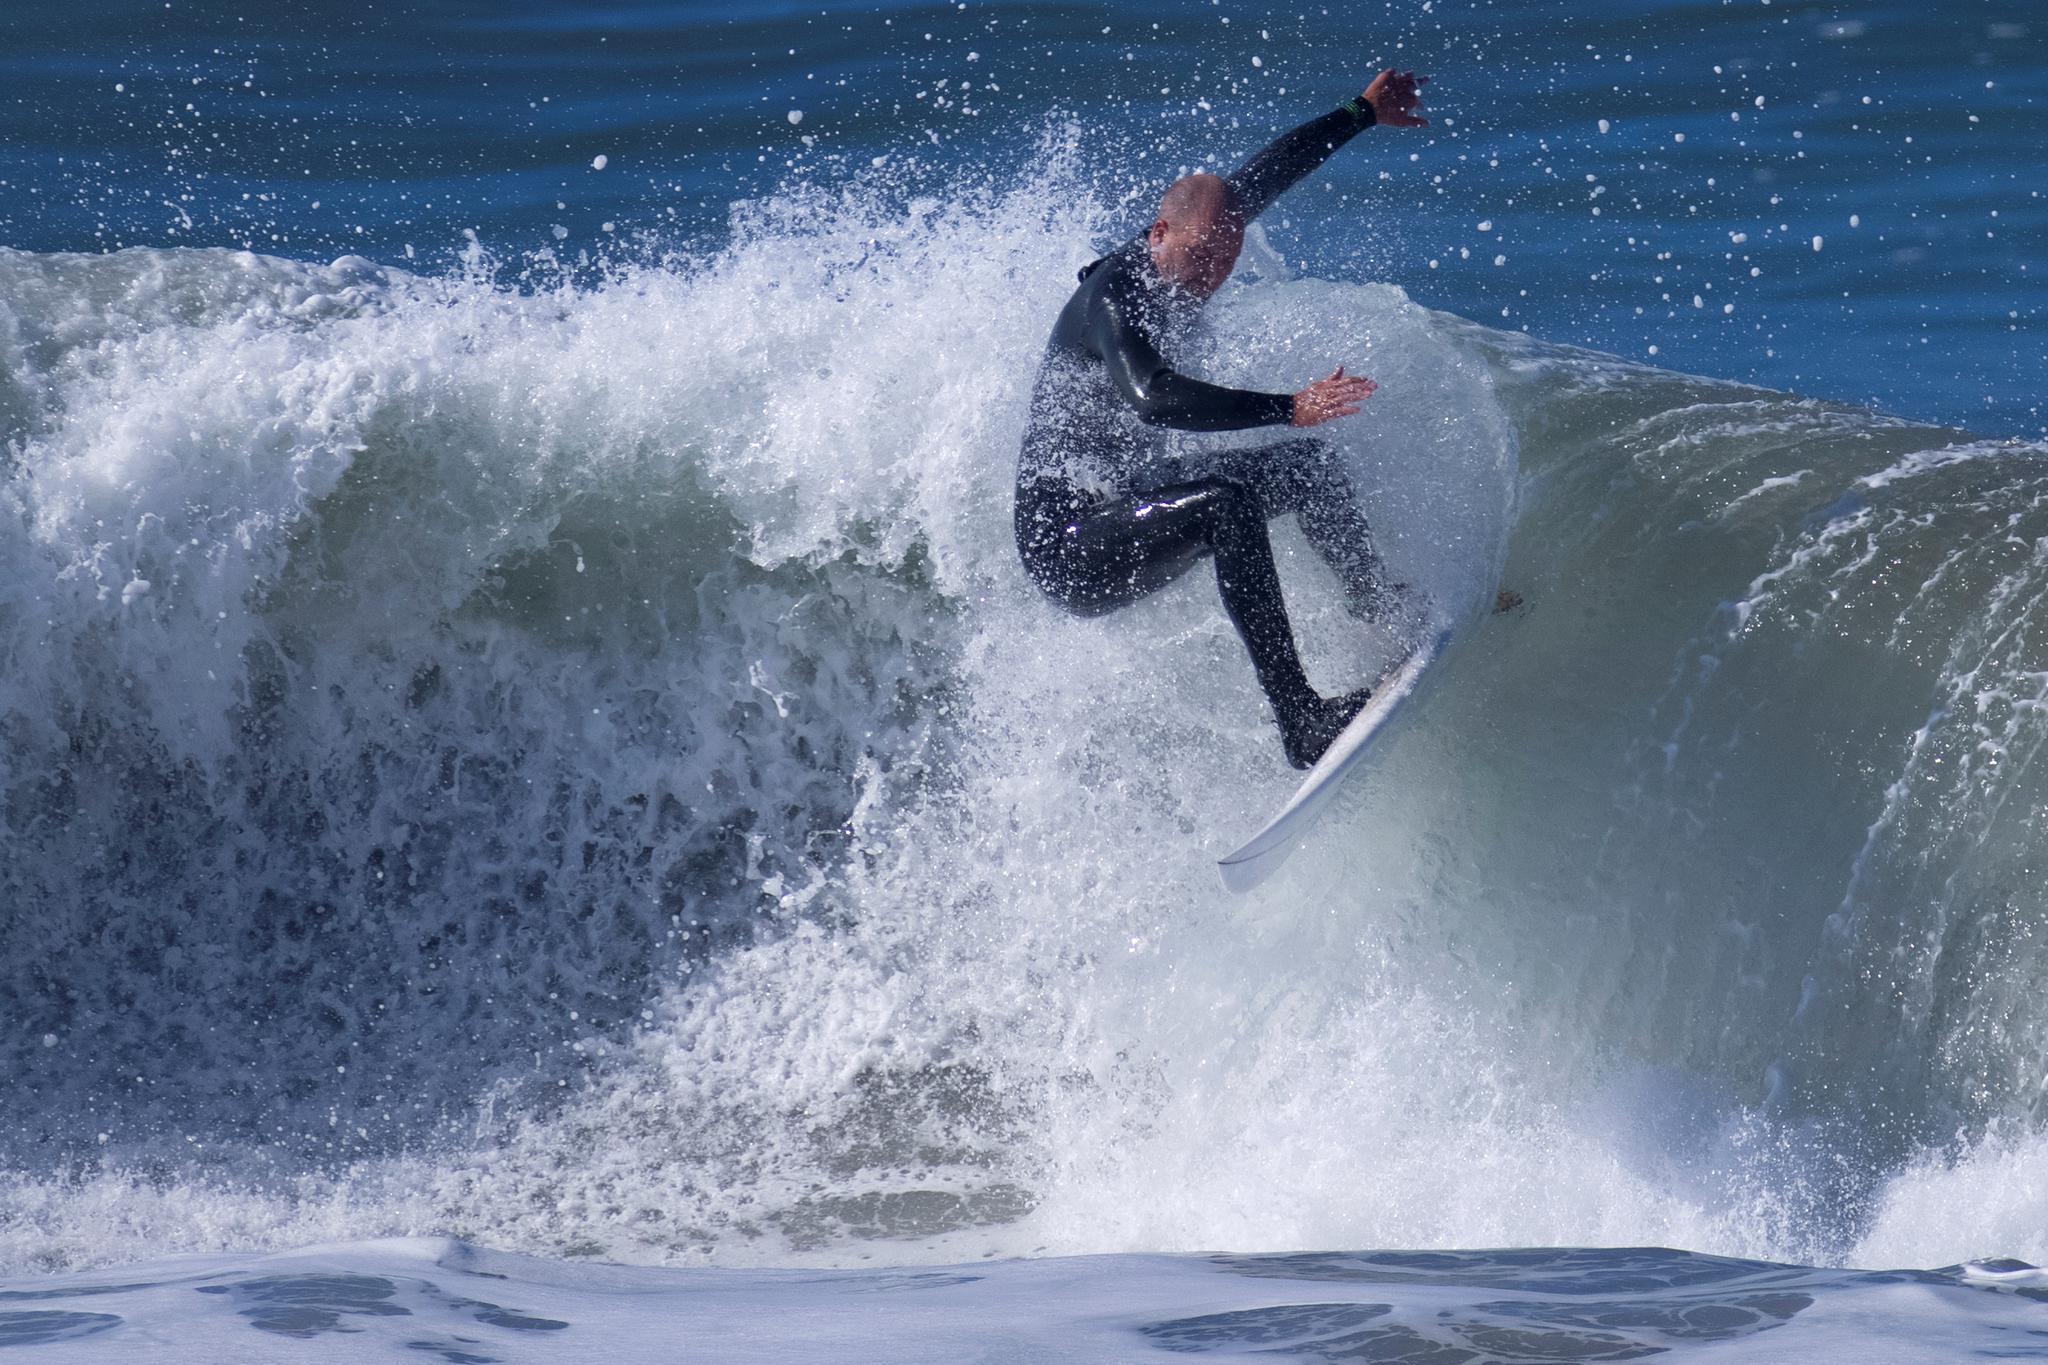 勇者与巨浪的一场搏斗 美国加州